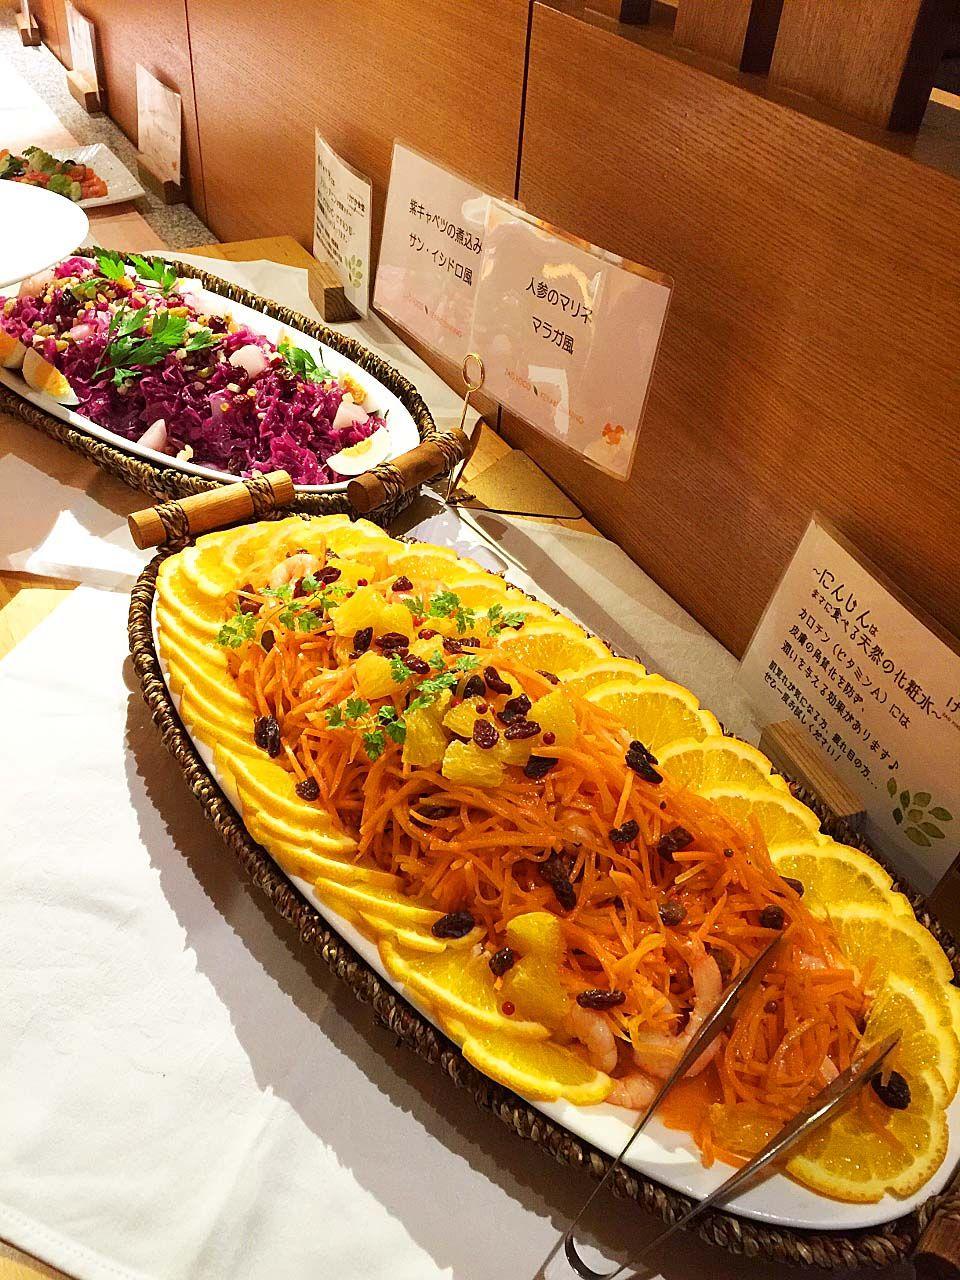 カラダの中からキレイになろう!野菜が美味しいビュッフェスタイル